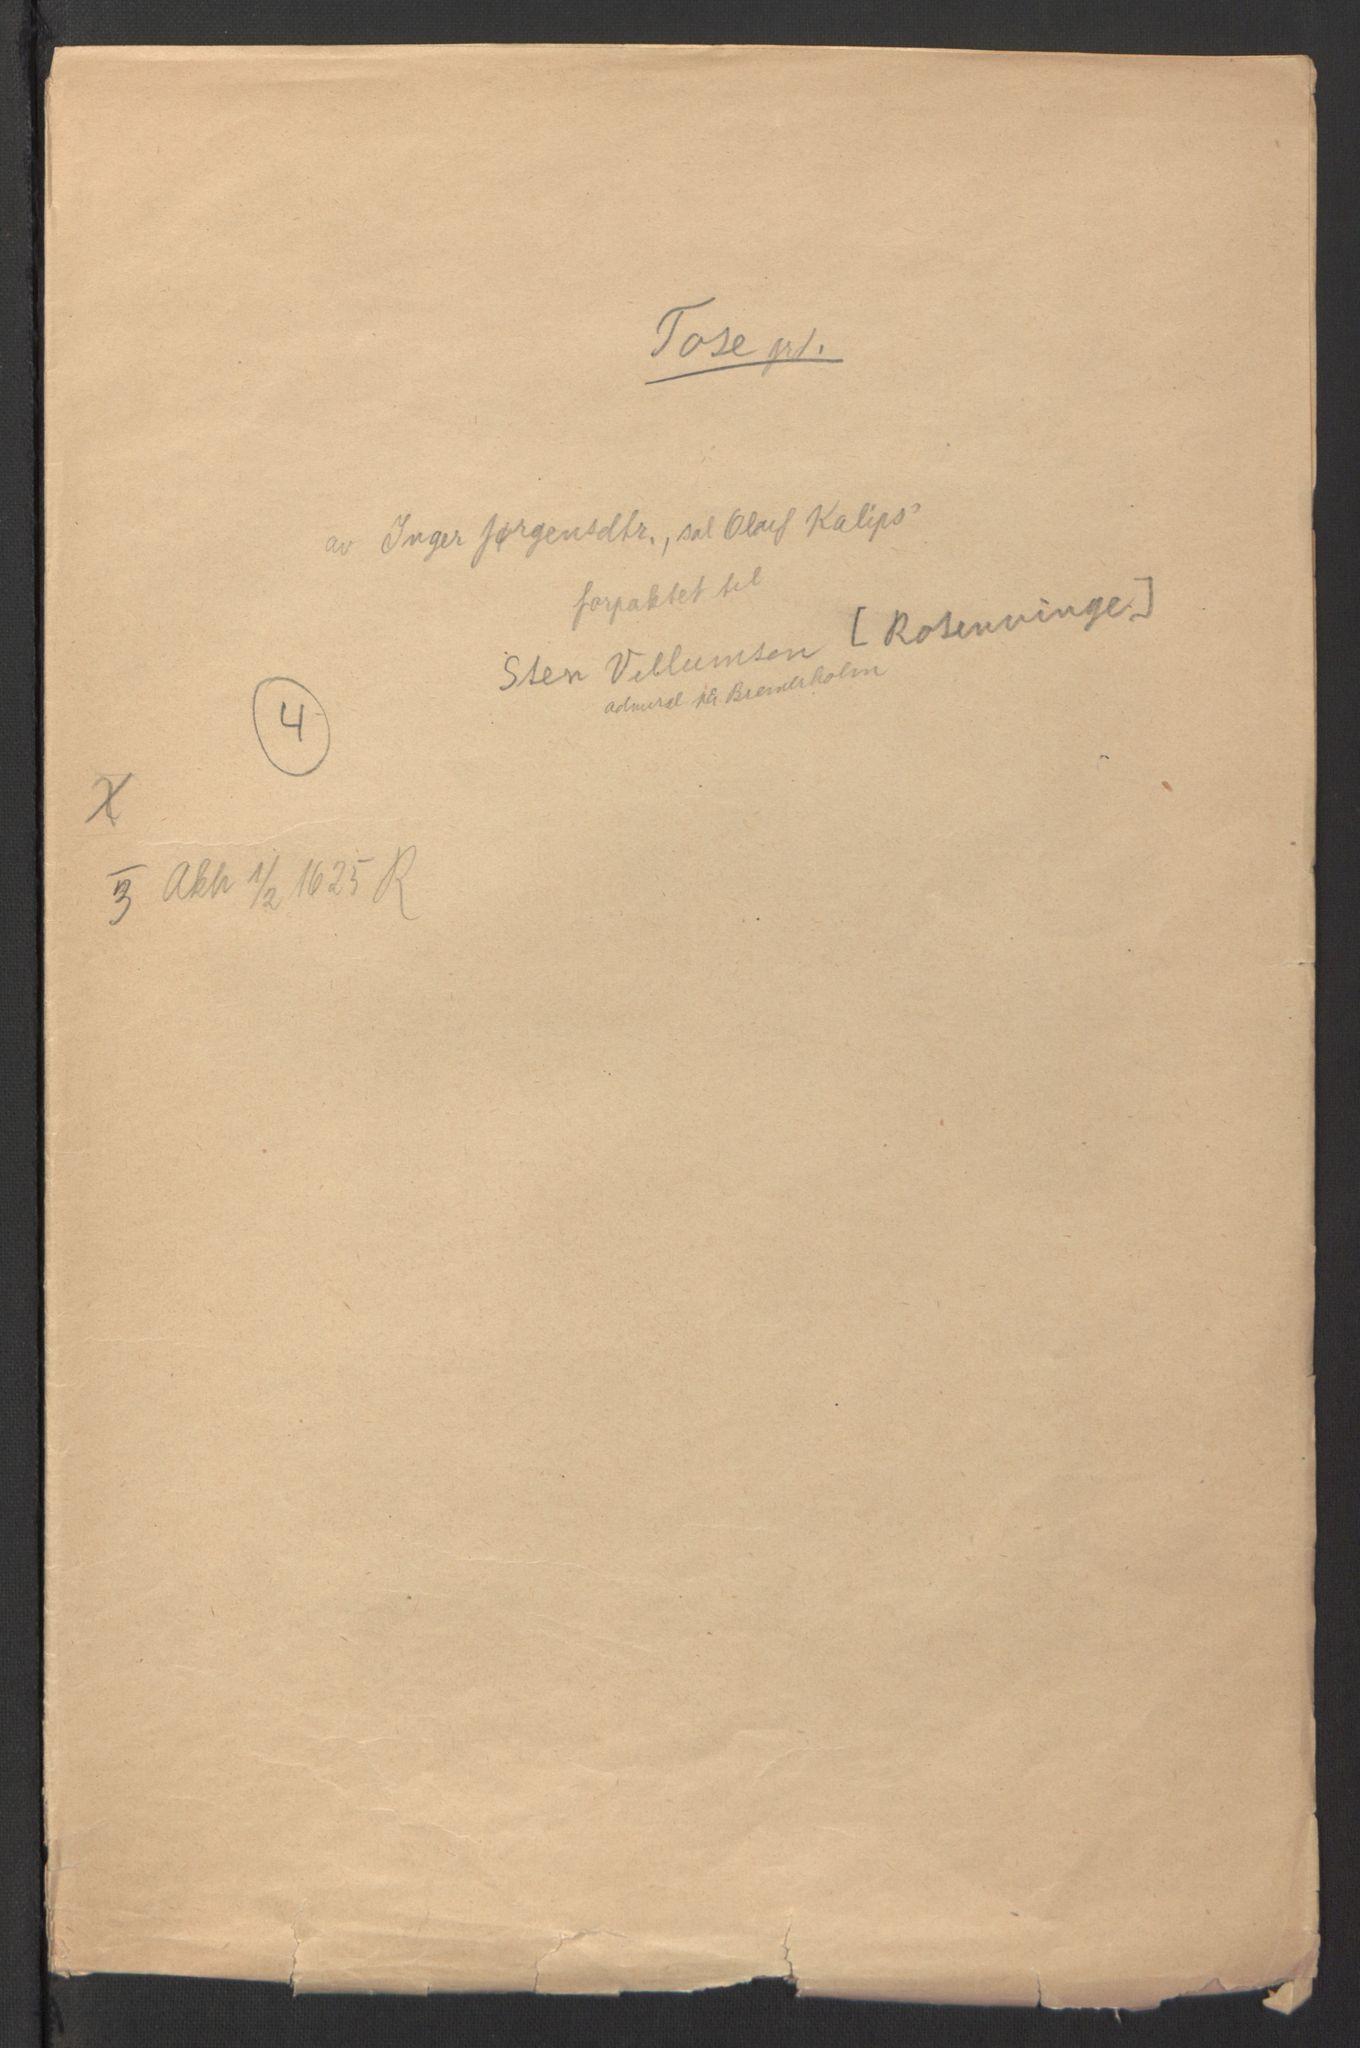 RA, Stattholderembetet 1572-1771, Ek/L0007: Jordebøker til utlikning av rosstjeneste 1624-1626:, 1624-1625, s. 260